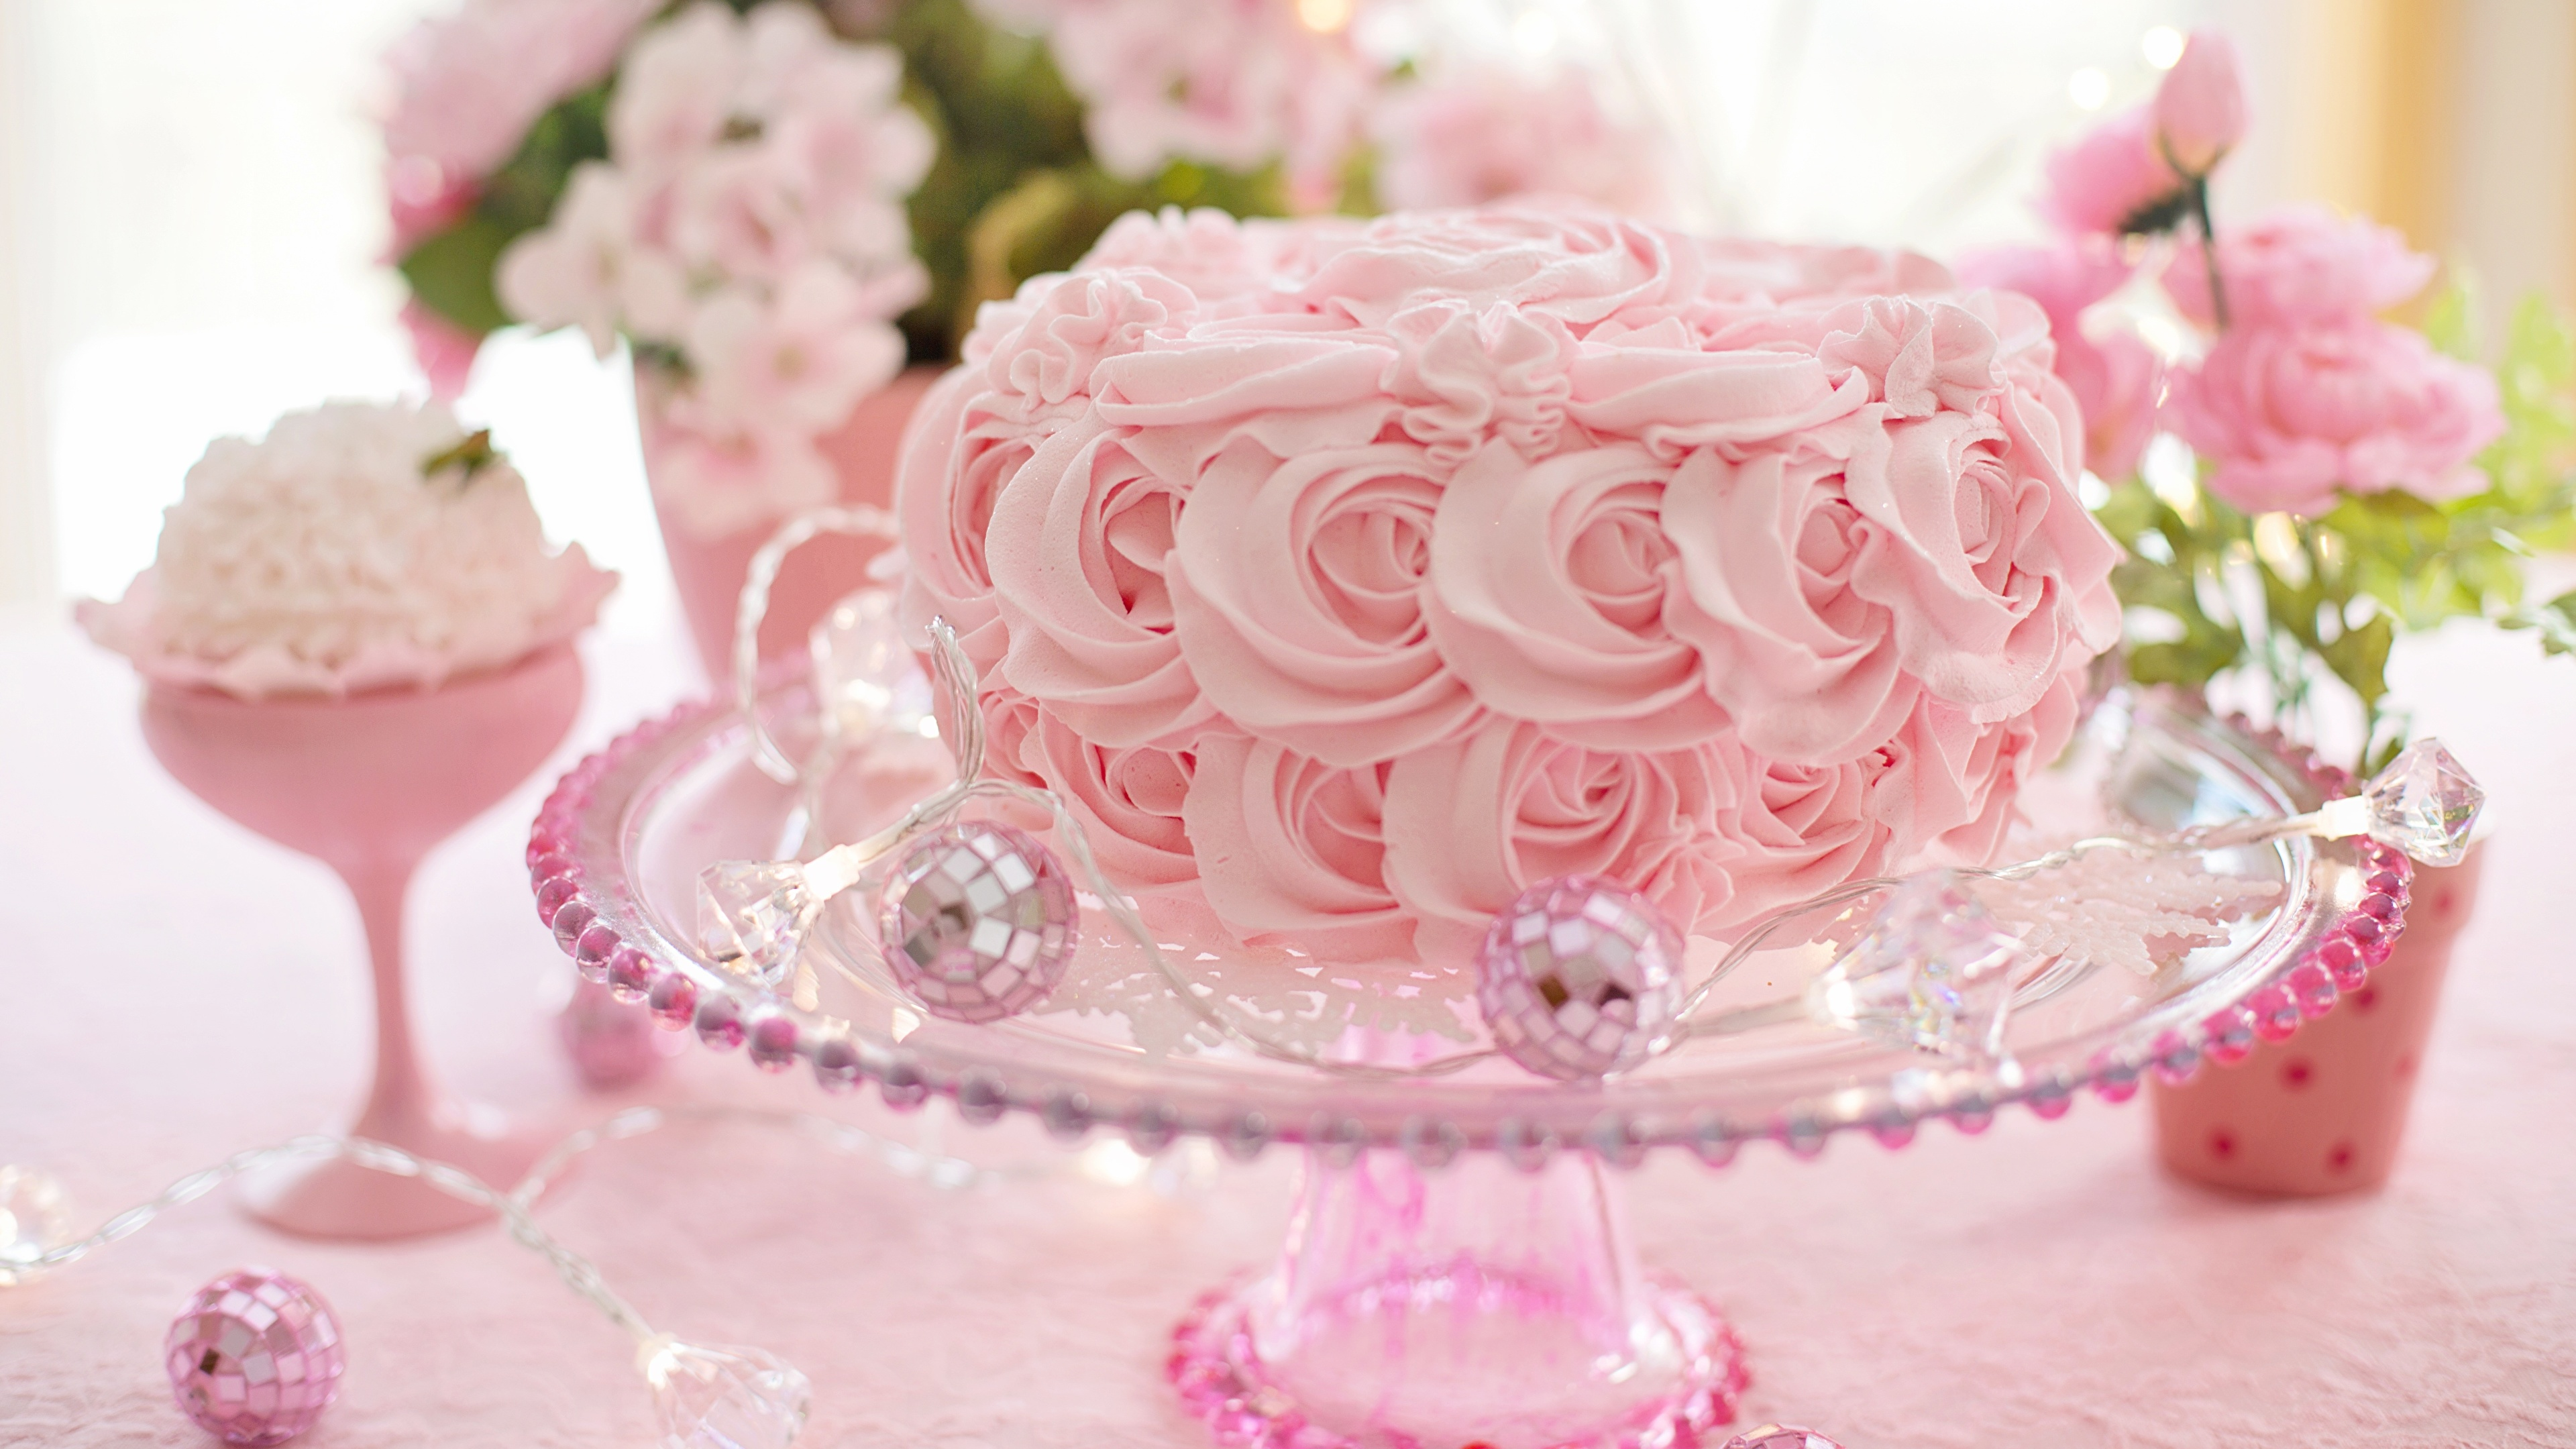 Картинки Торты Розовый Продукты питания Дизайн 3840x2160 Еда Пища